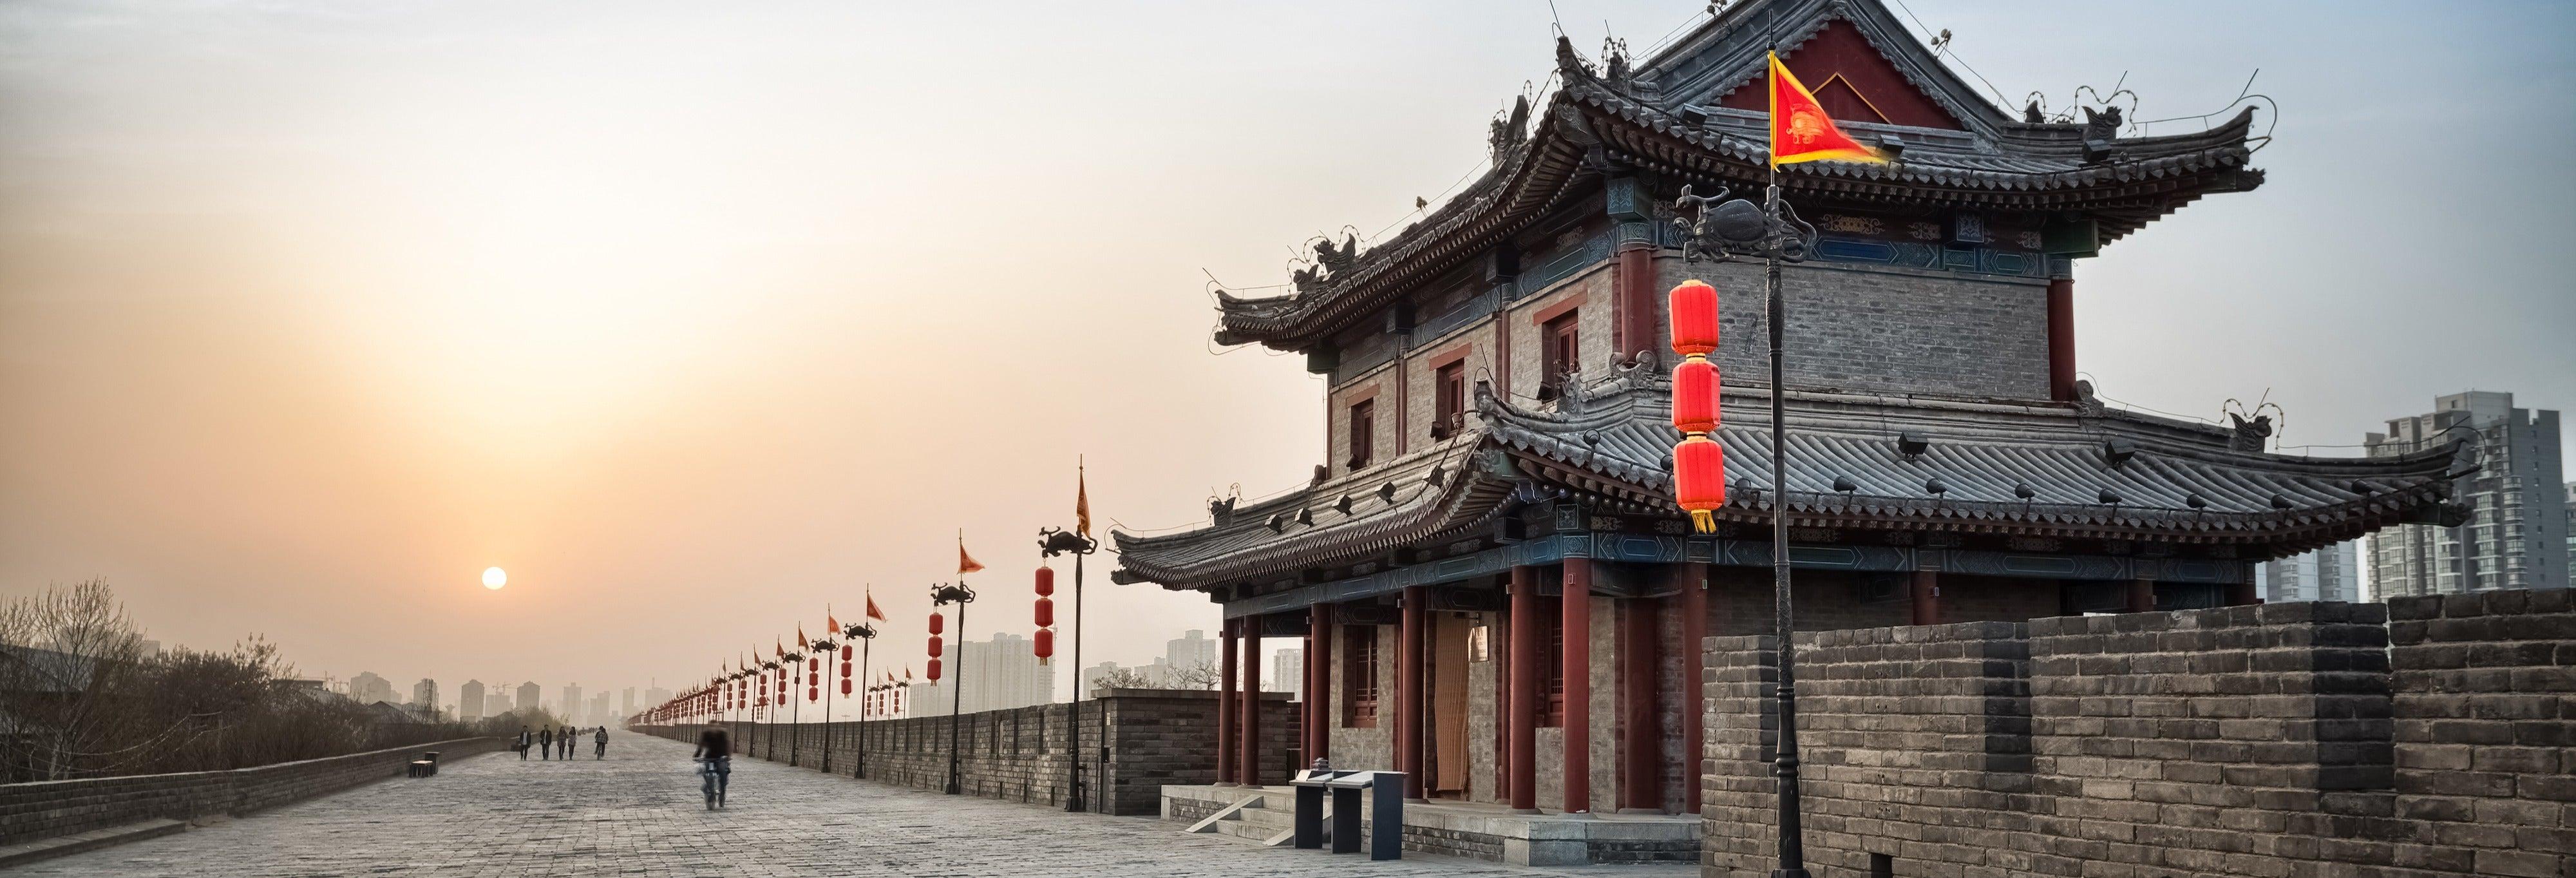 Visite guidée à vélo de la muraille de Xi'an